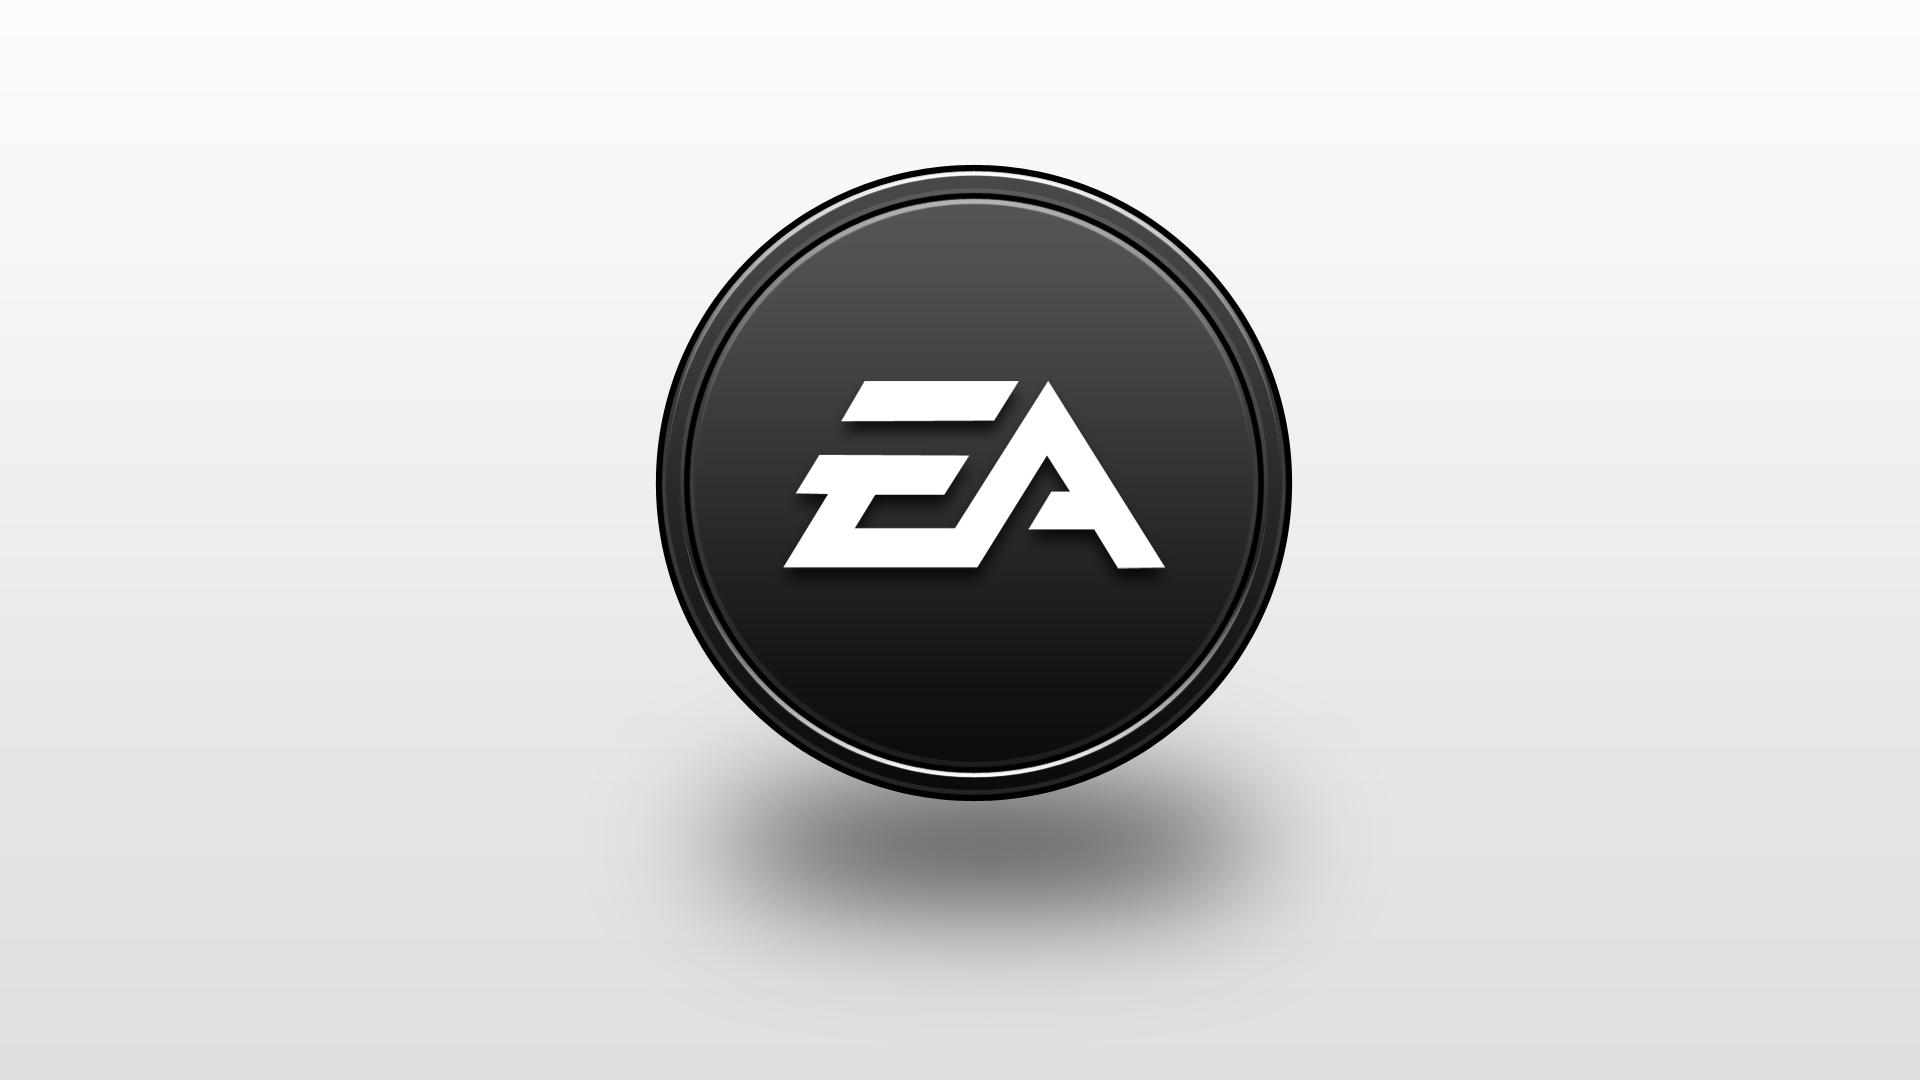 ea_logo_by_theblazia-d5iwiq1